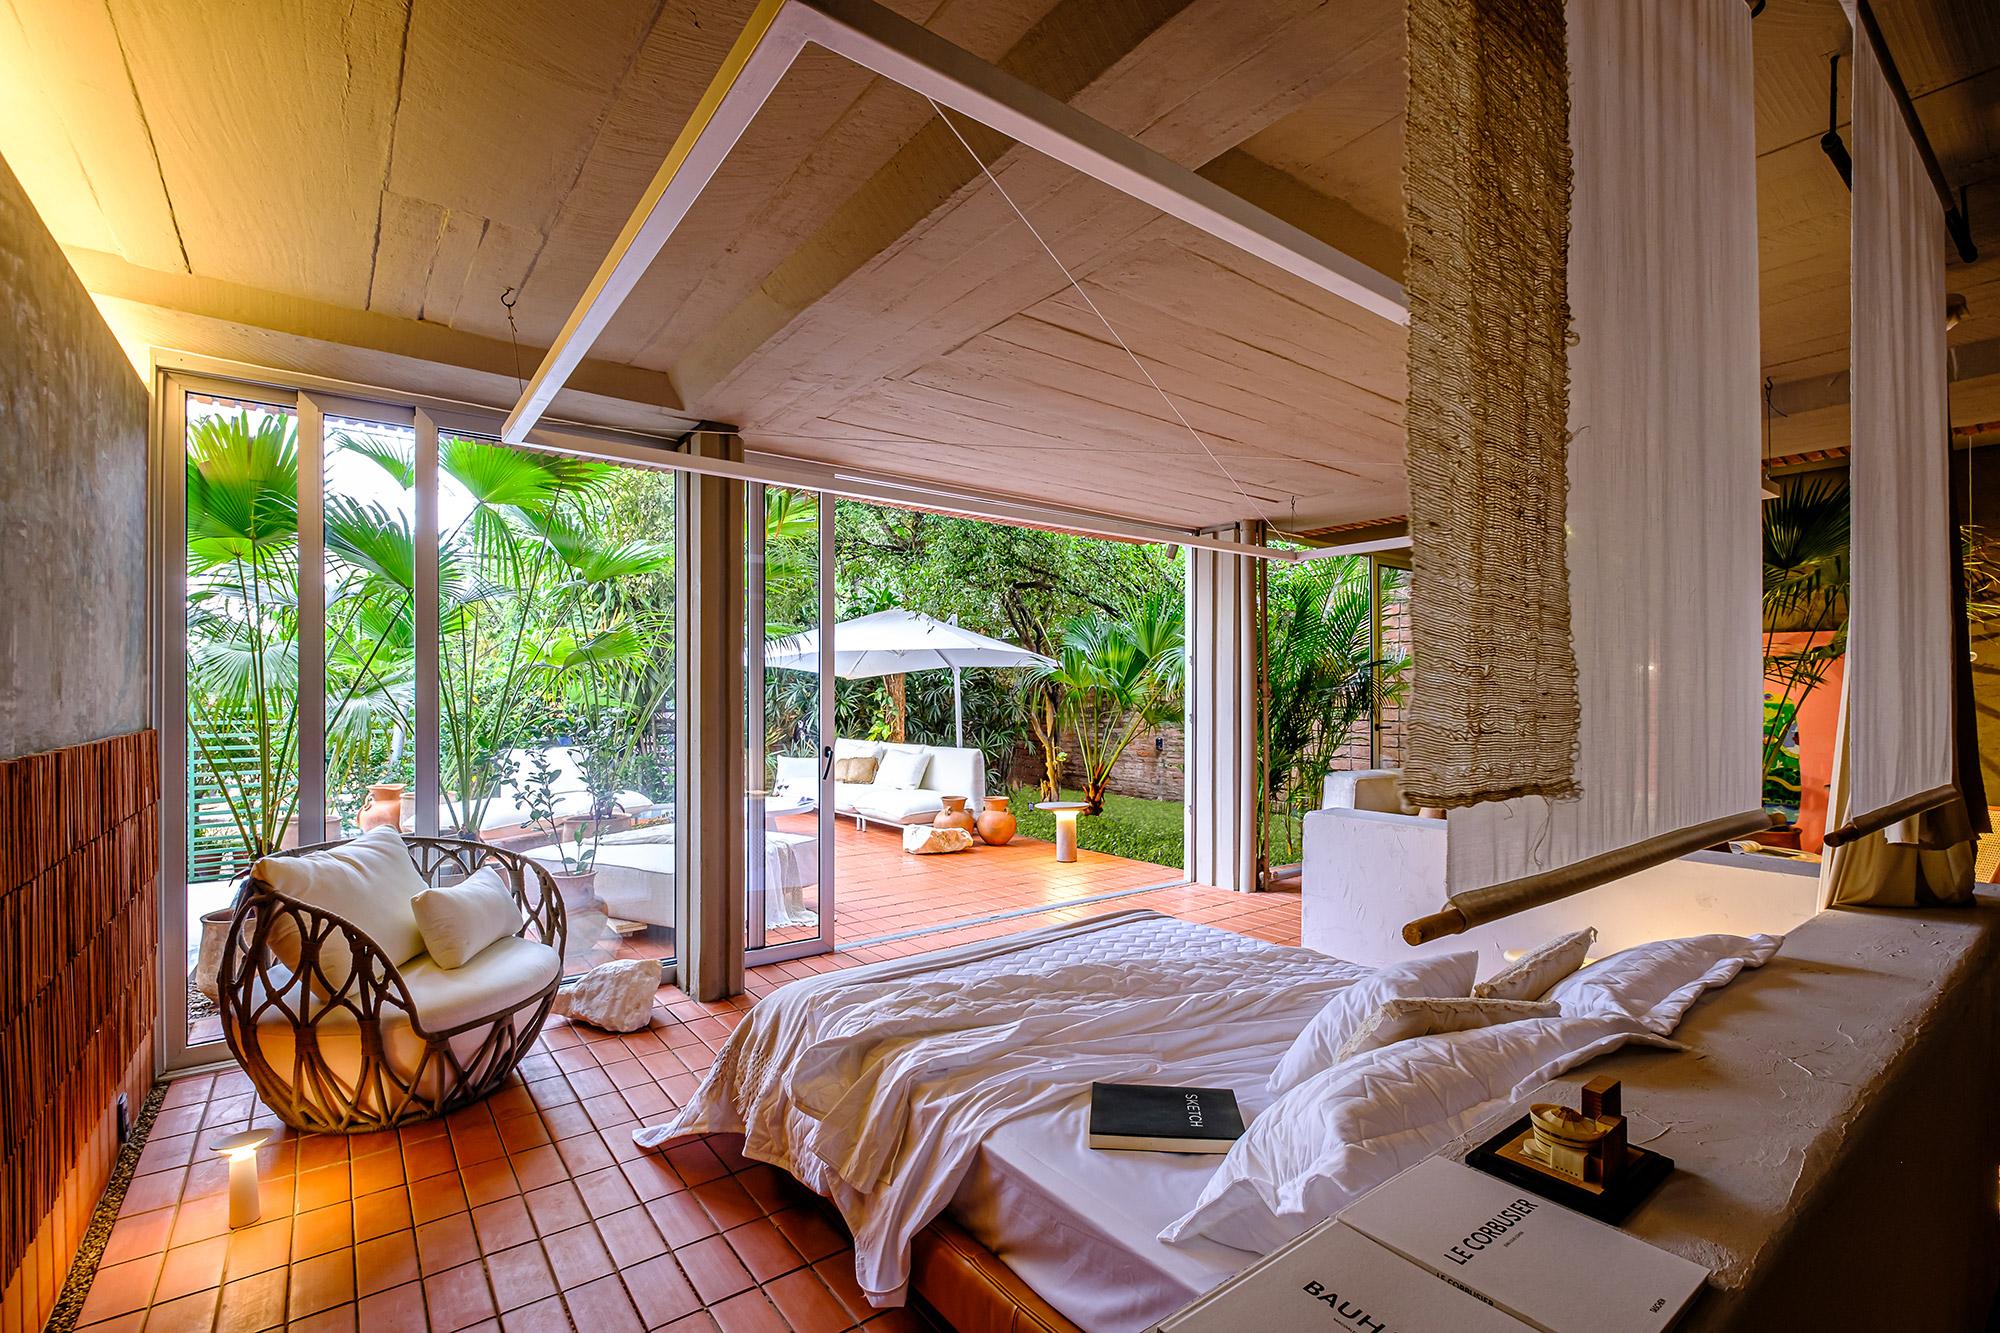 casacor bolivia decor decoração arquitetura 2021 mostras tierra roja casa de fin de semana roberto franco loft